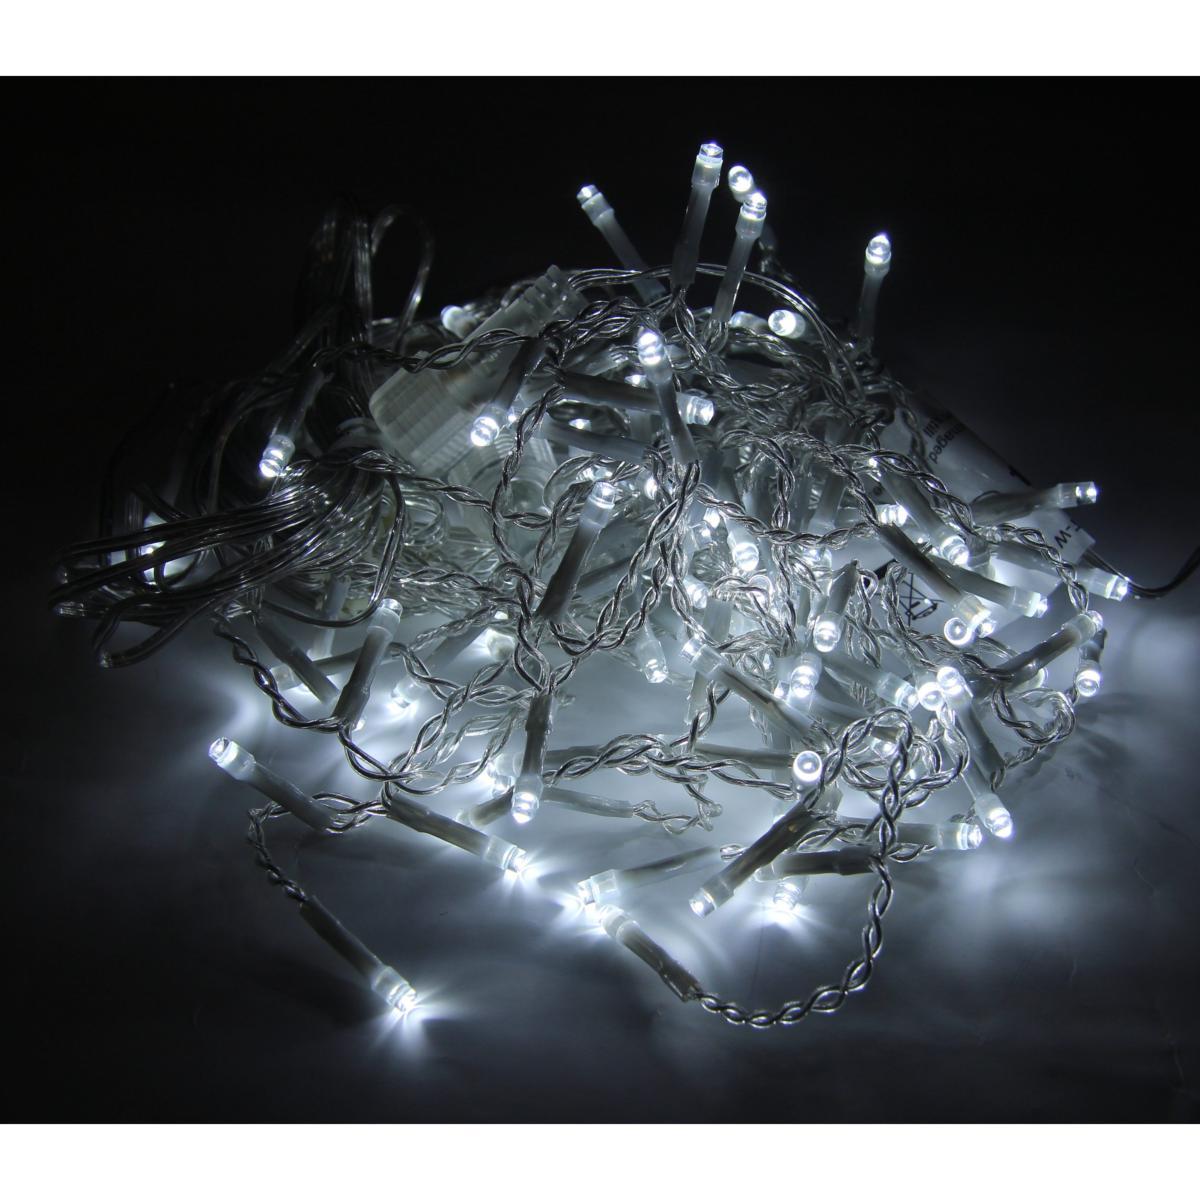 SILAMP Rideau Guirlande LED 31V 3M IP44 100 LED TRANSPARENT (Guirlande seule) - Blanc Froid 6000K - 8000K